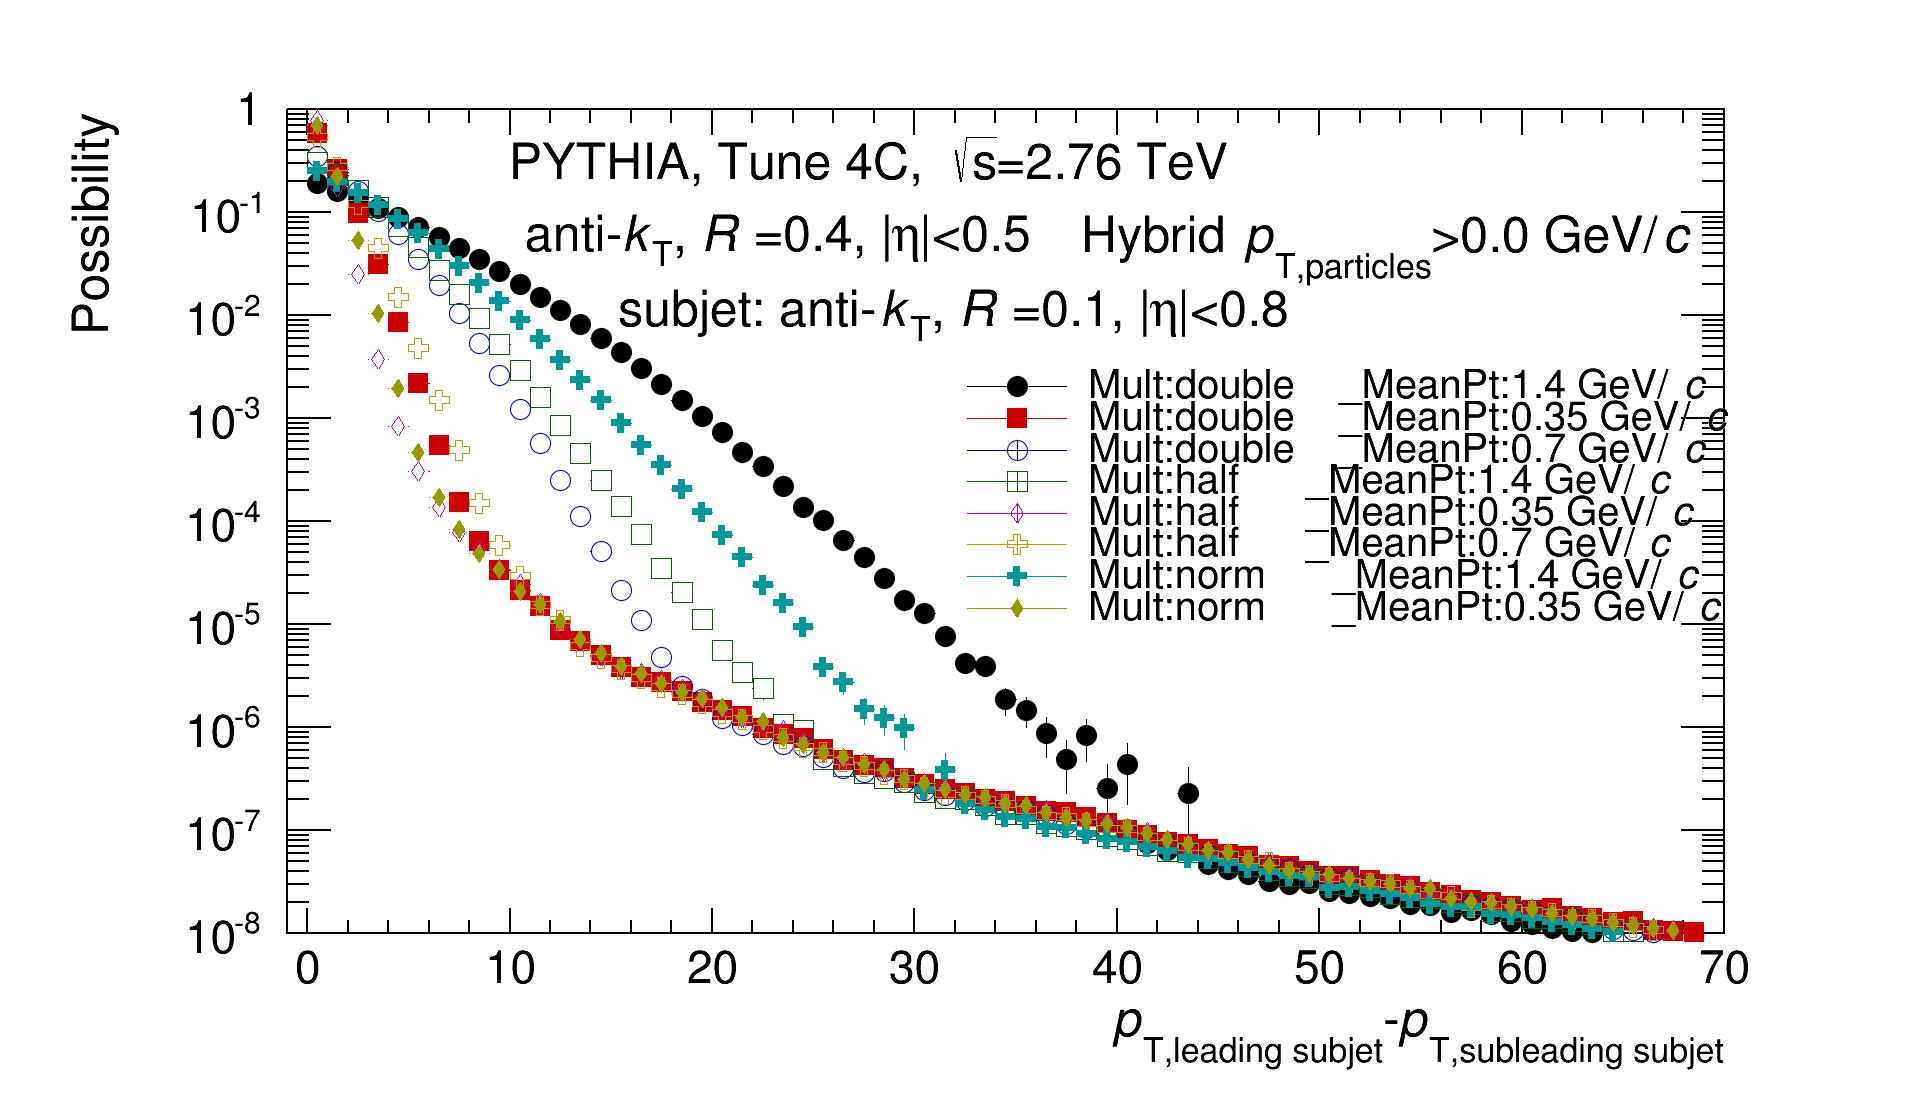 Hybrid_DeltaPt_Distribution.png